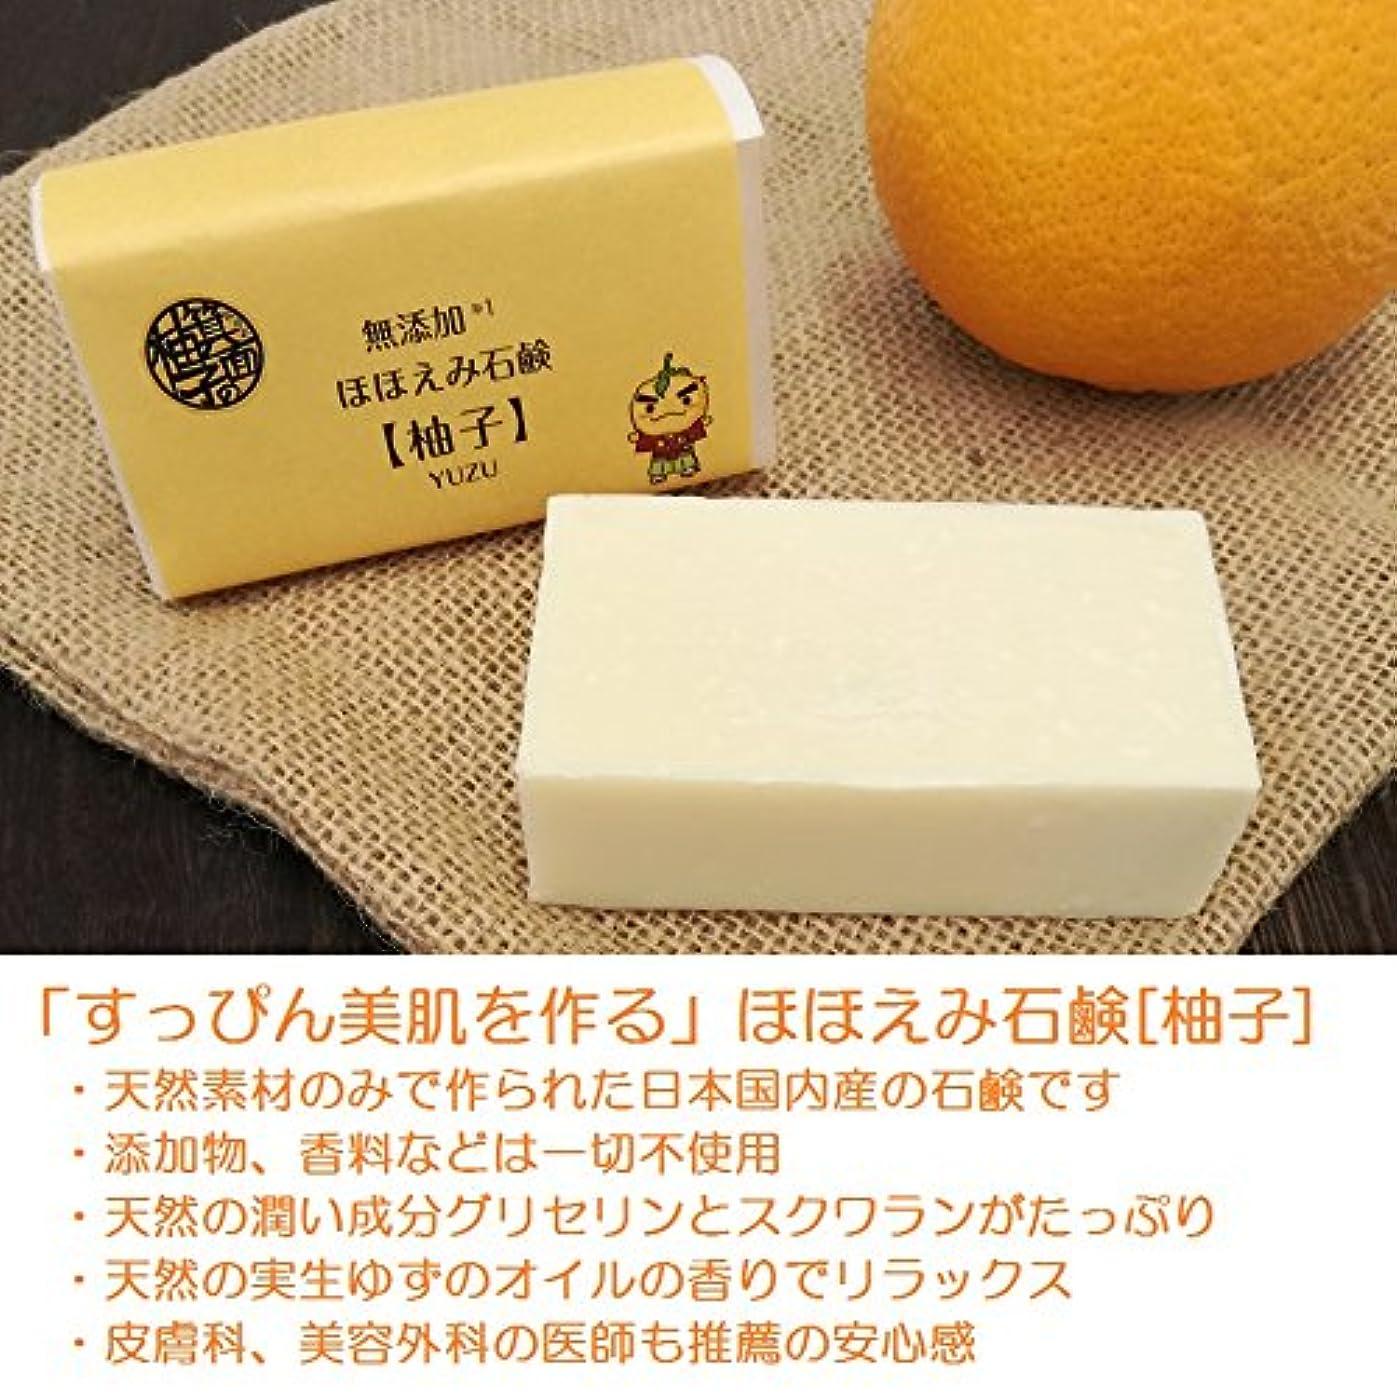 識字トランザクションハドルすっぴん美肌を作る ほほえみ石鹸 柚子 オリーブオイル 無添加 オーガニック 日本製 80g